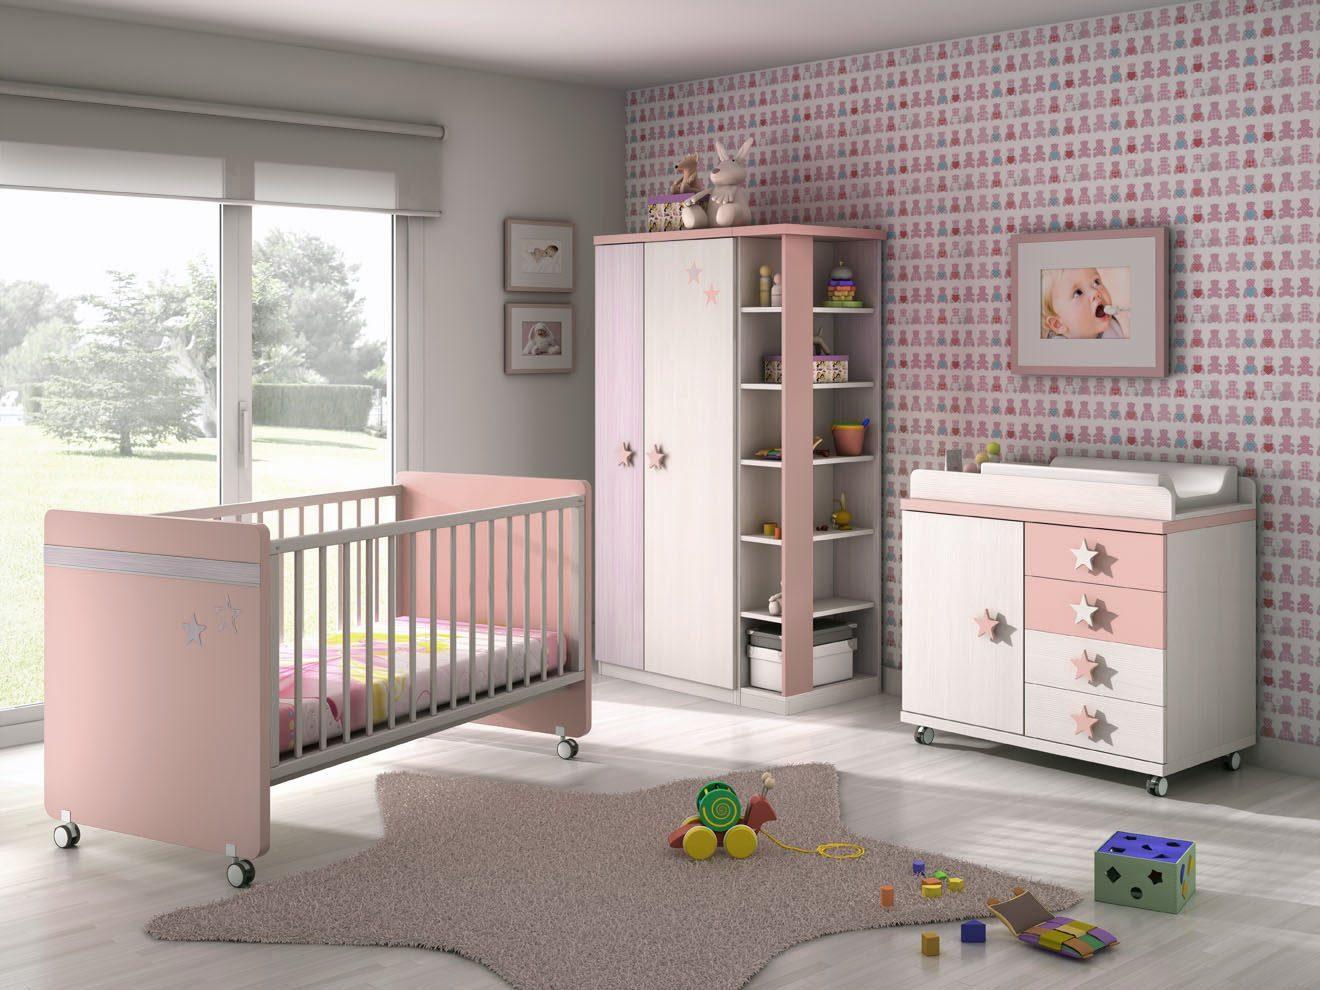 Habitaciones de beb s - Habitaciones de bebe ...